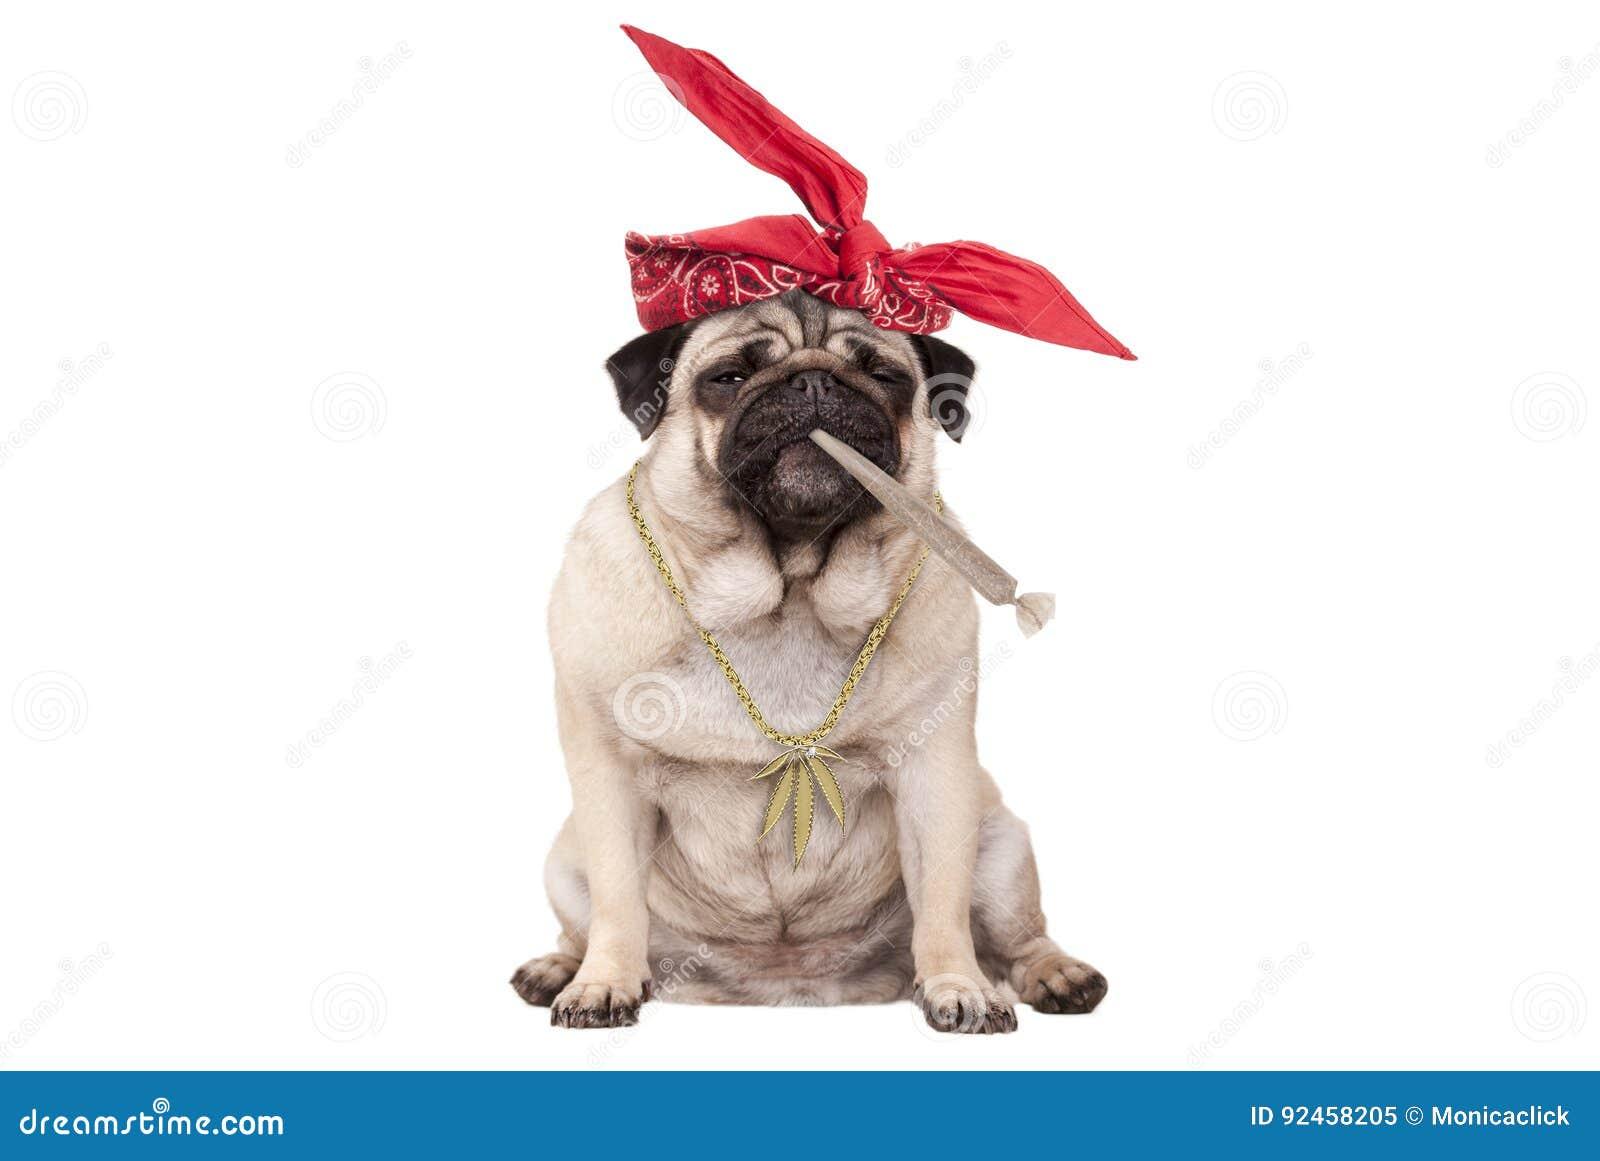 哈巴狗是的小狗高在抽烟的大麻杂草联接,隔绝在白色背景